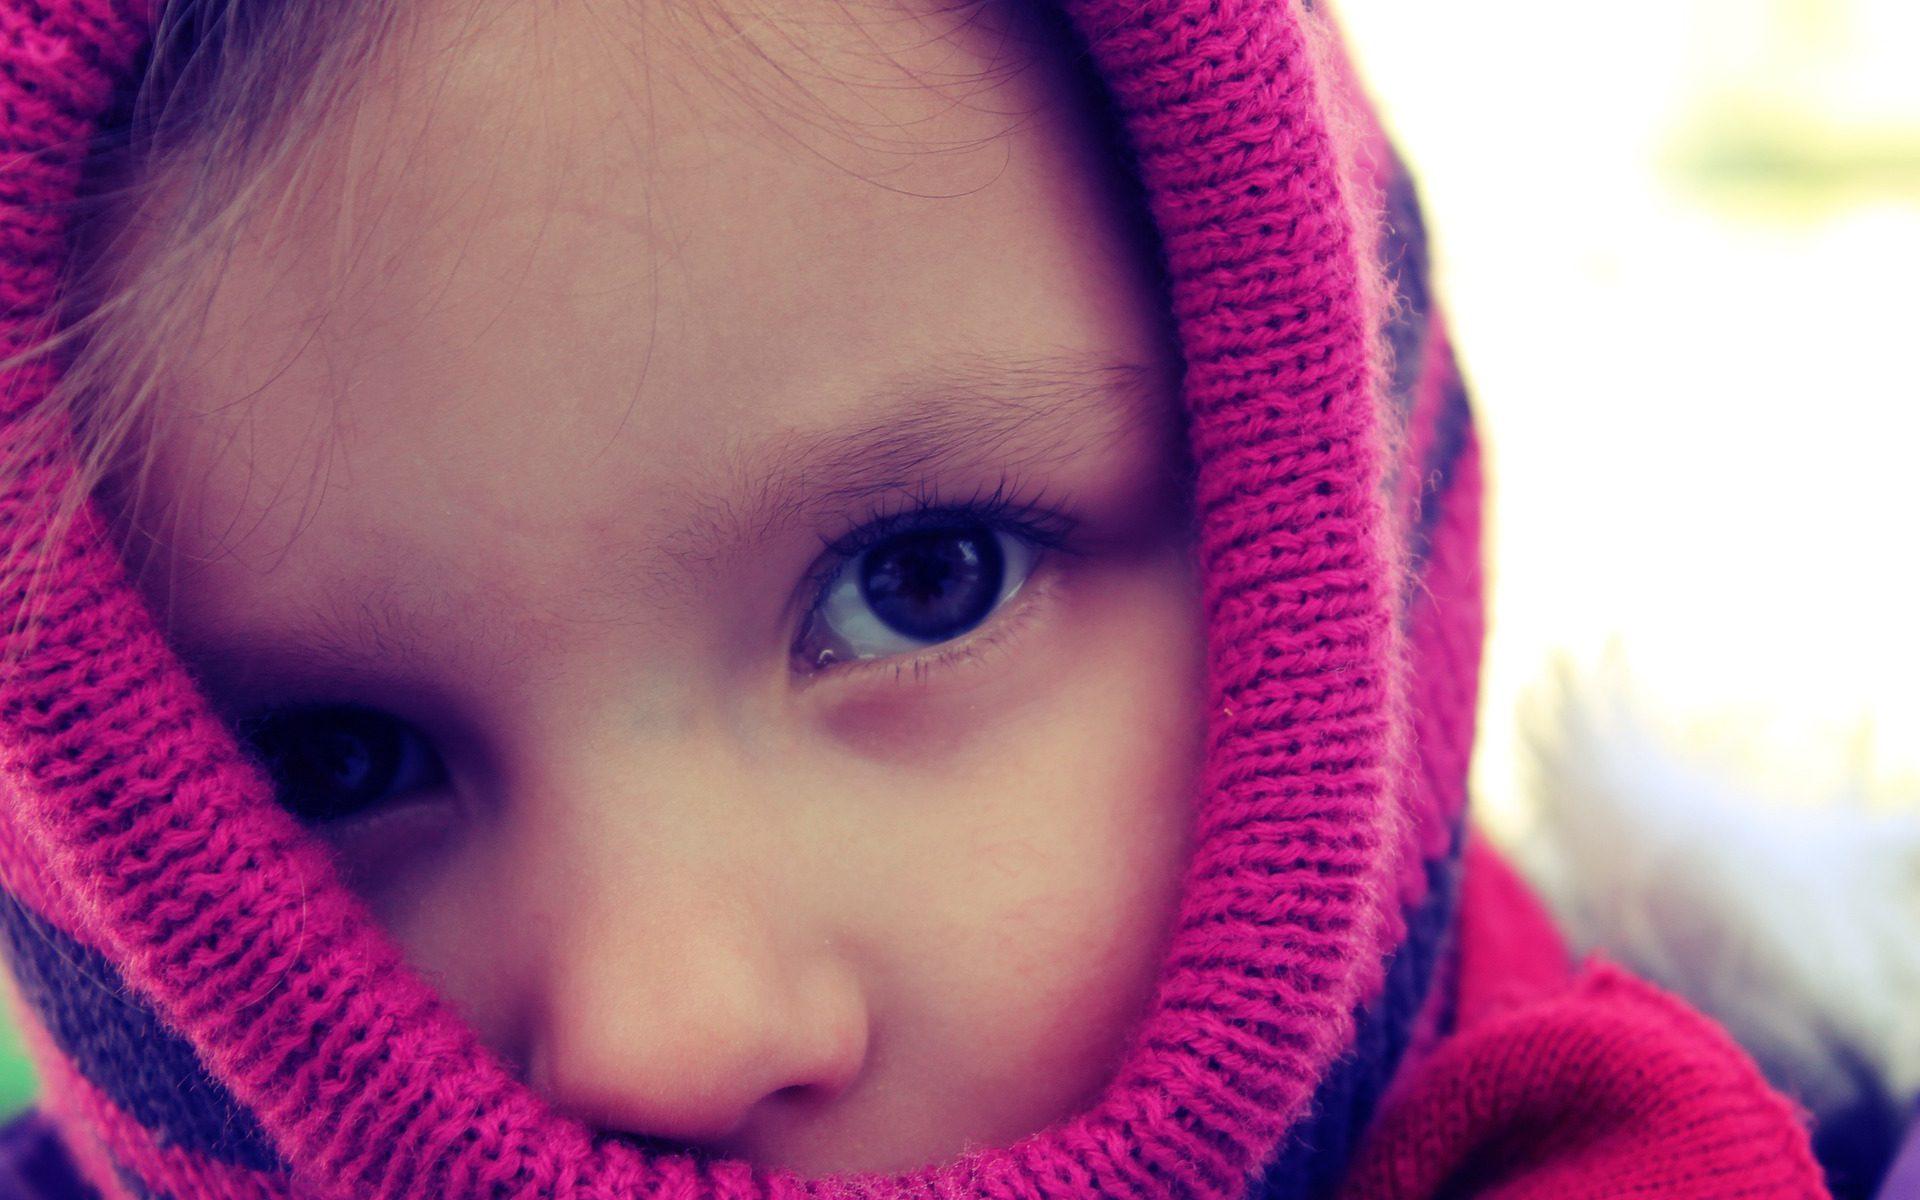 הילדים סובלים מצינון וליחה - אפשר לסייע בדרך טבעית